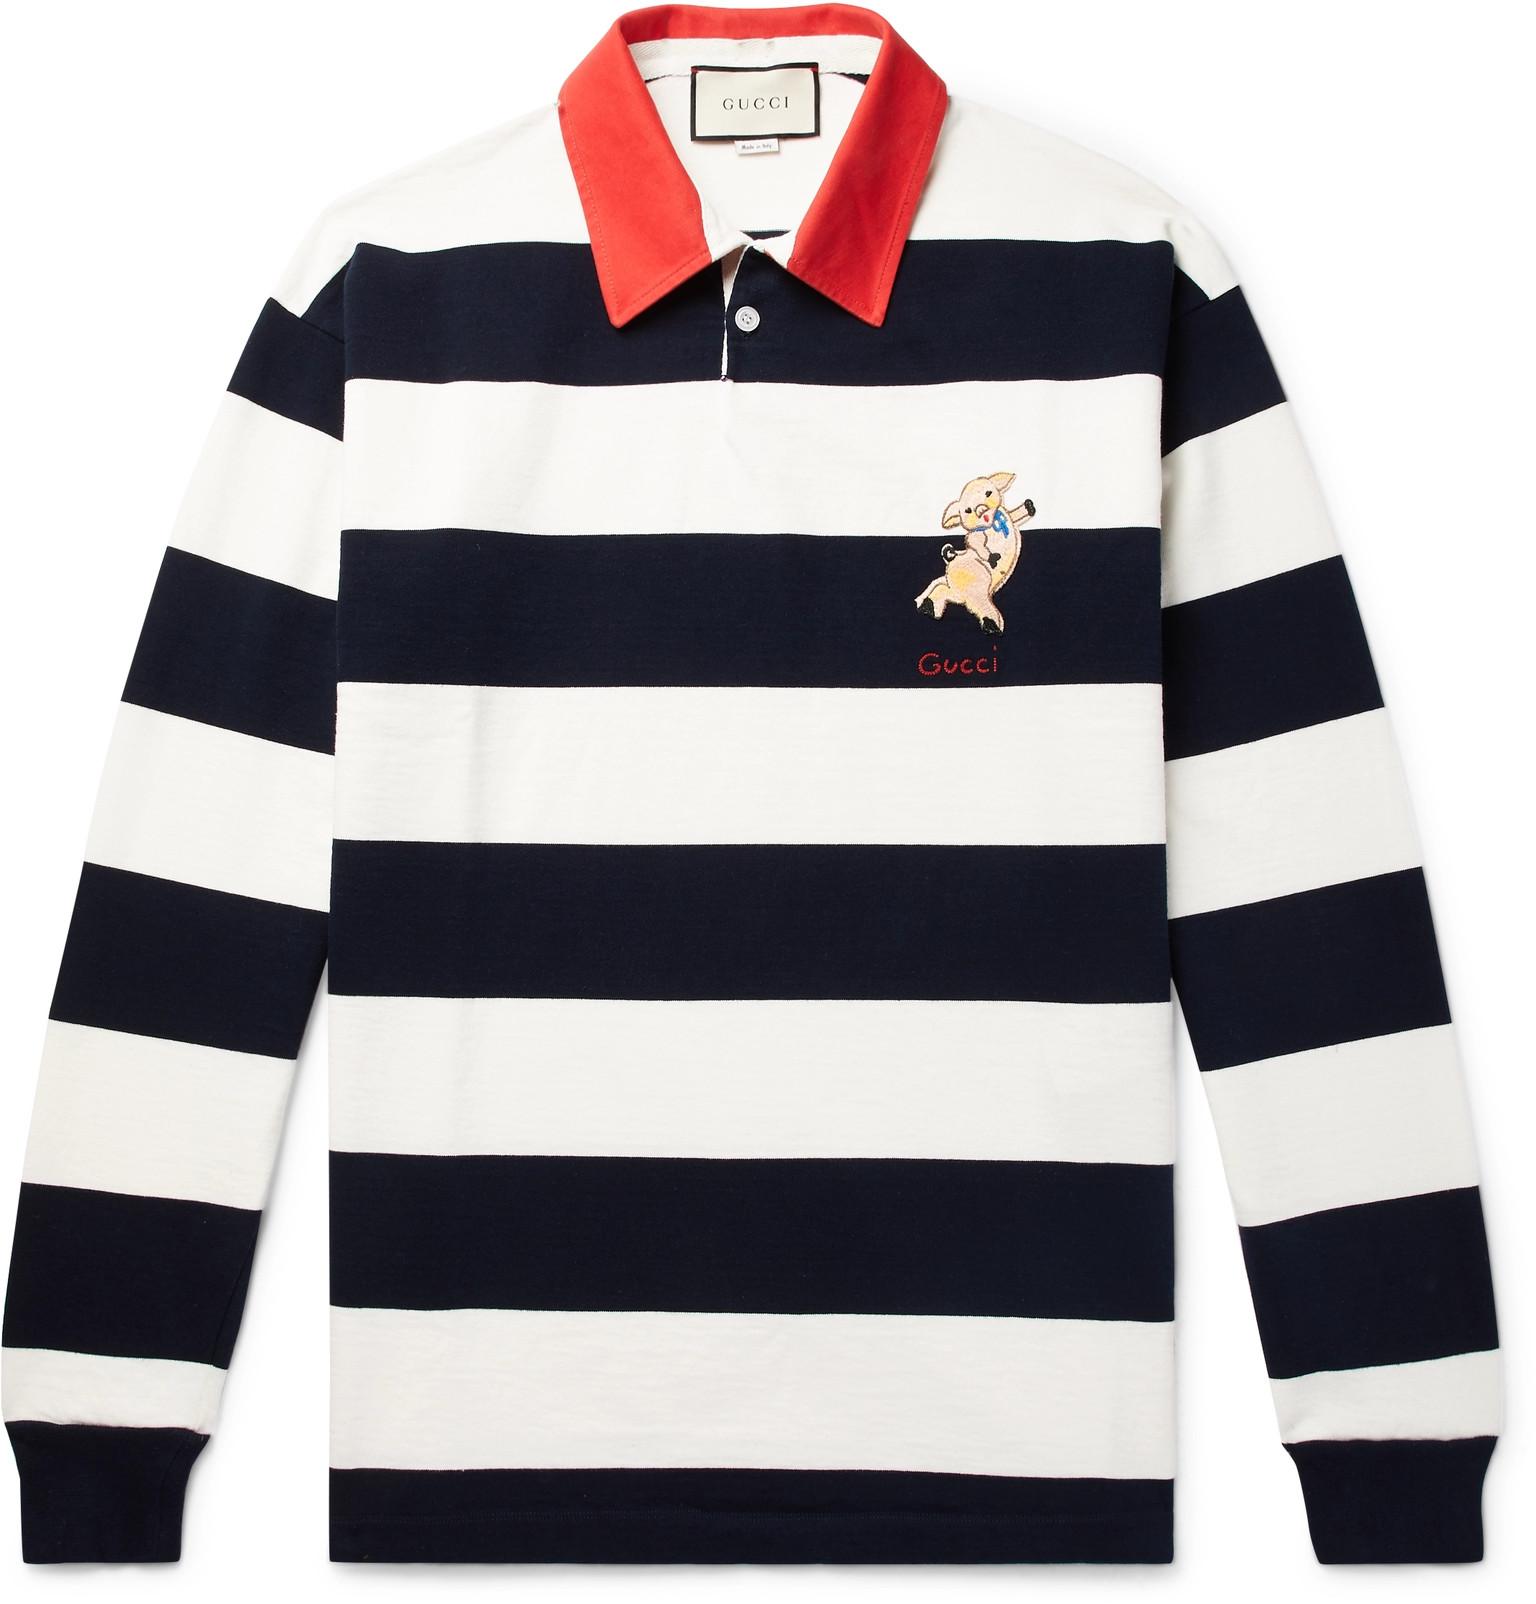 Where To Buy Gucci Polo Shirts Lauren Goss